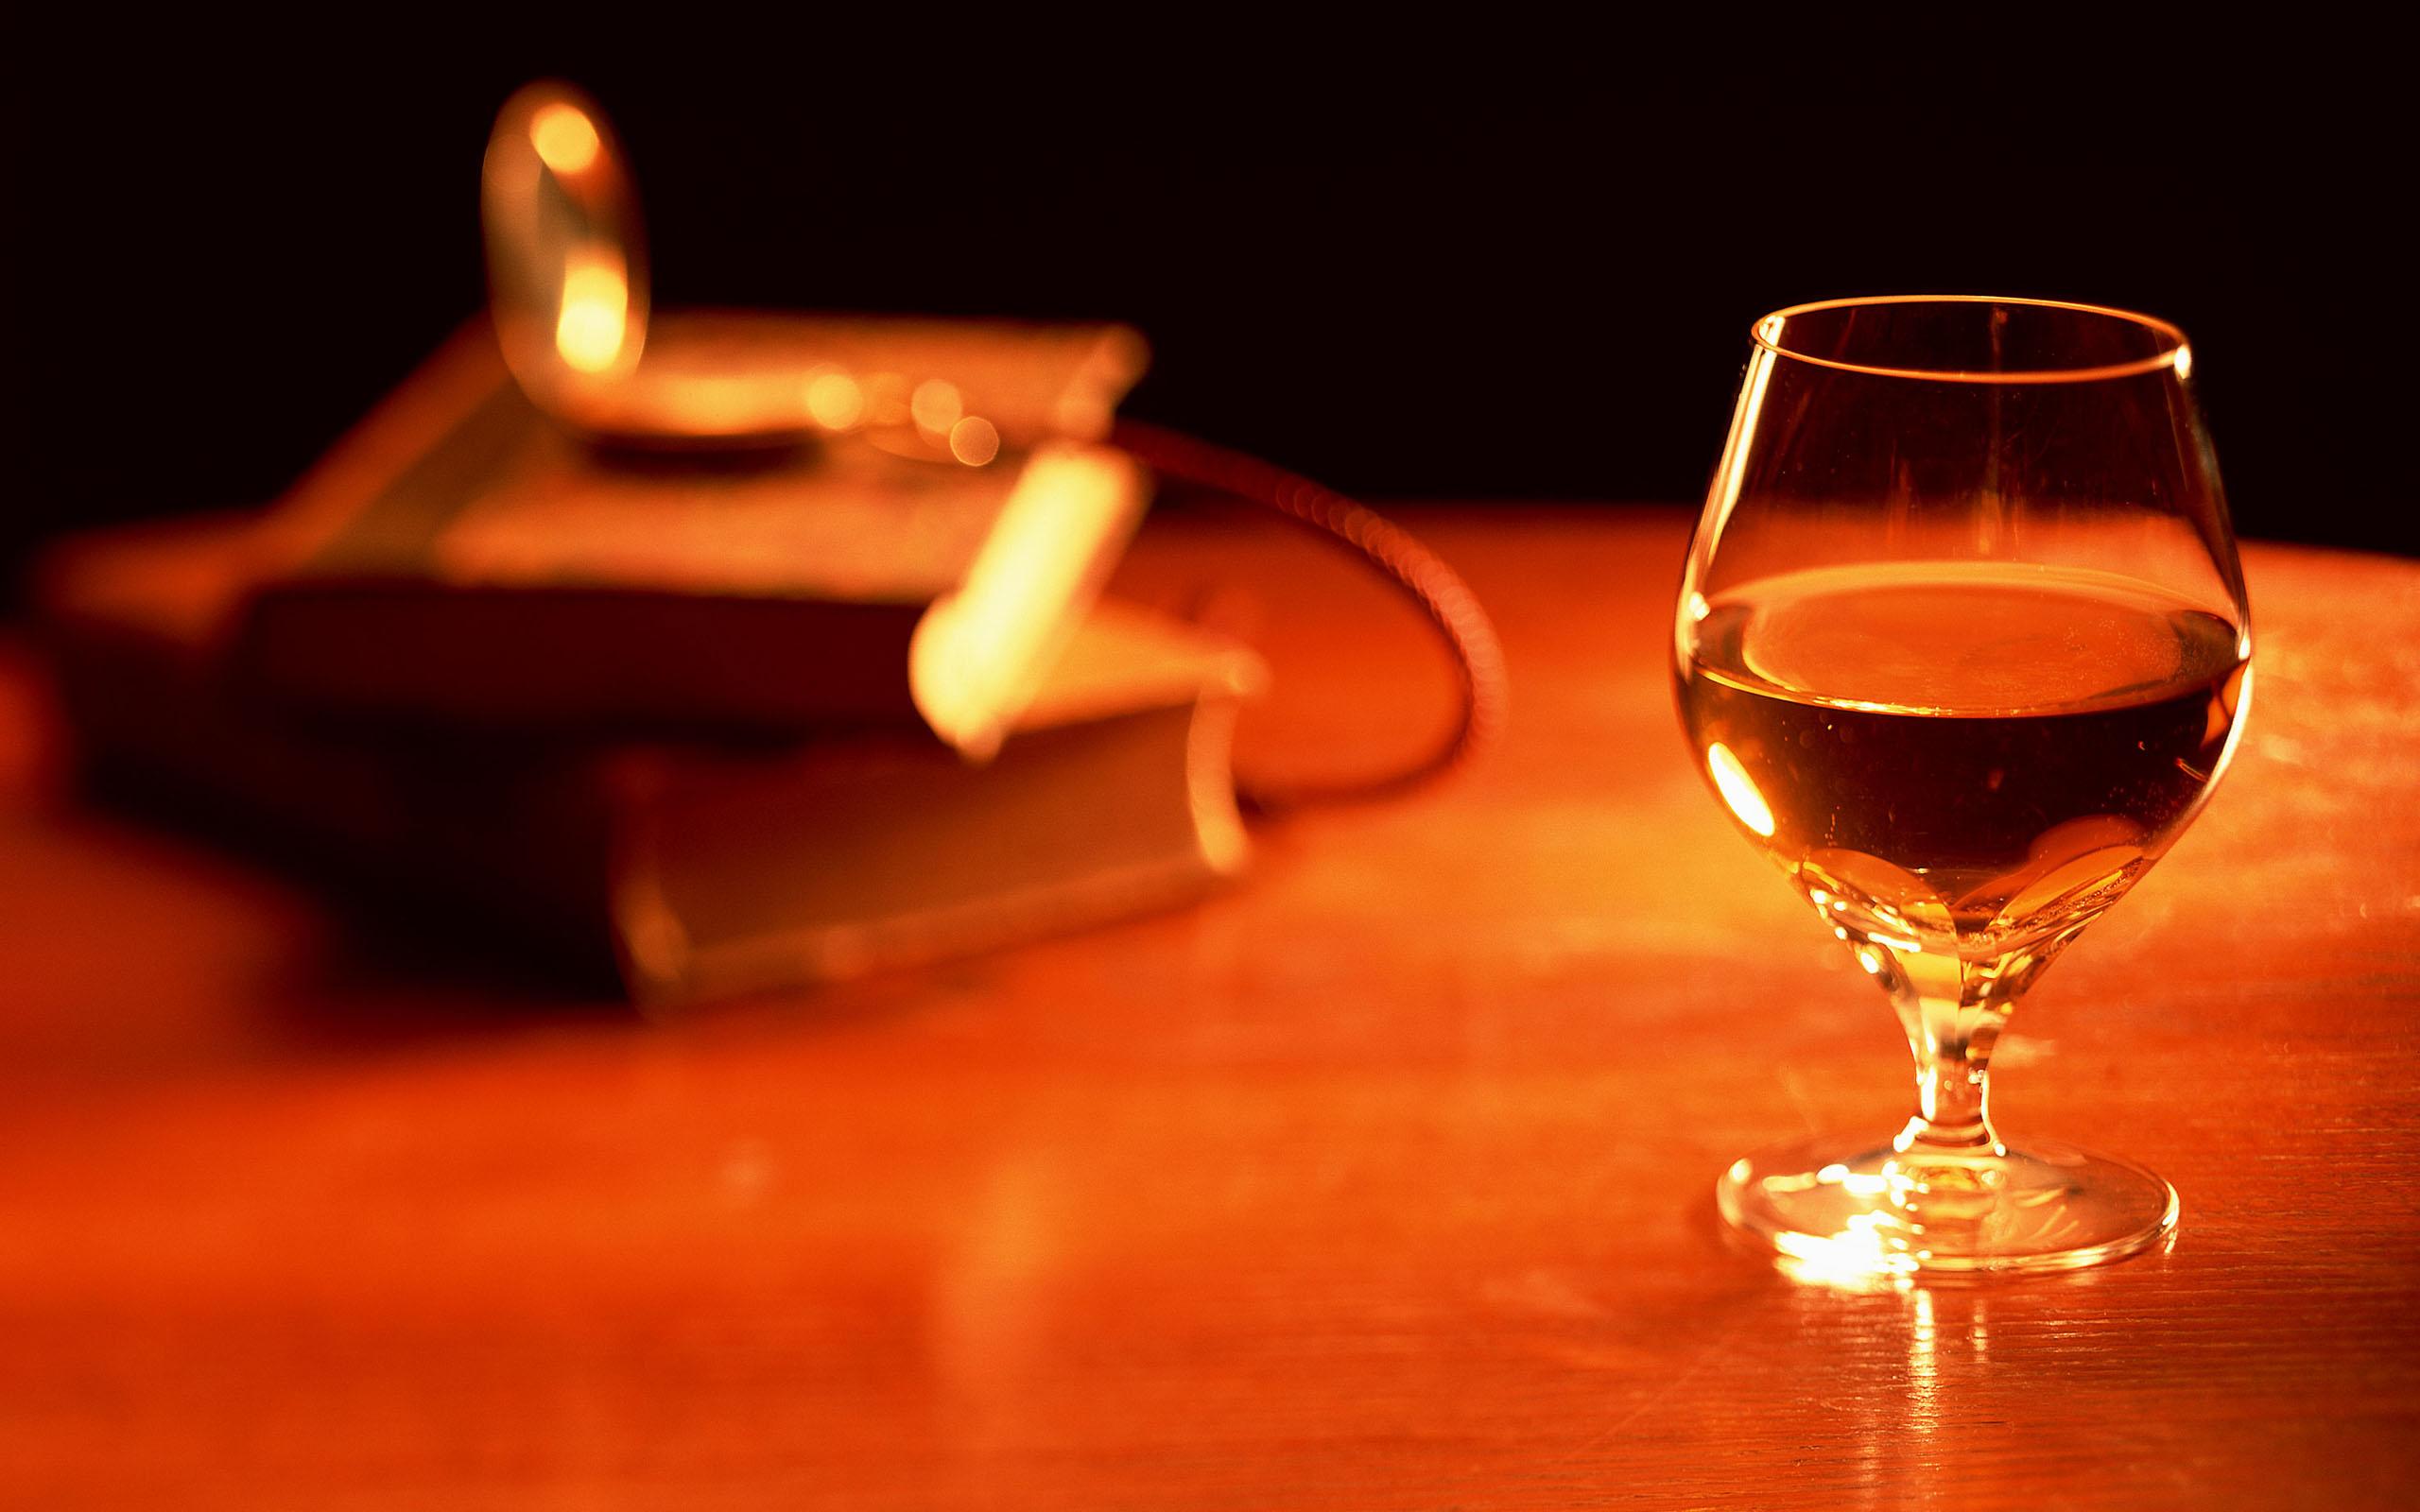 беседе фото коньяка с рюмкой на столе кодится, сценарий пишется